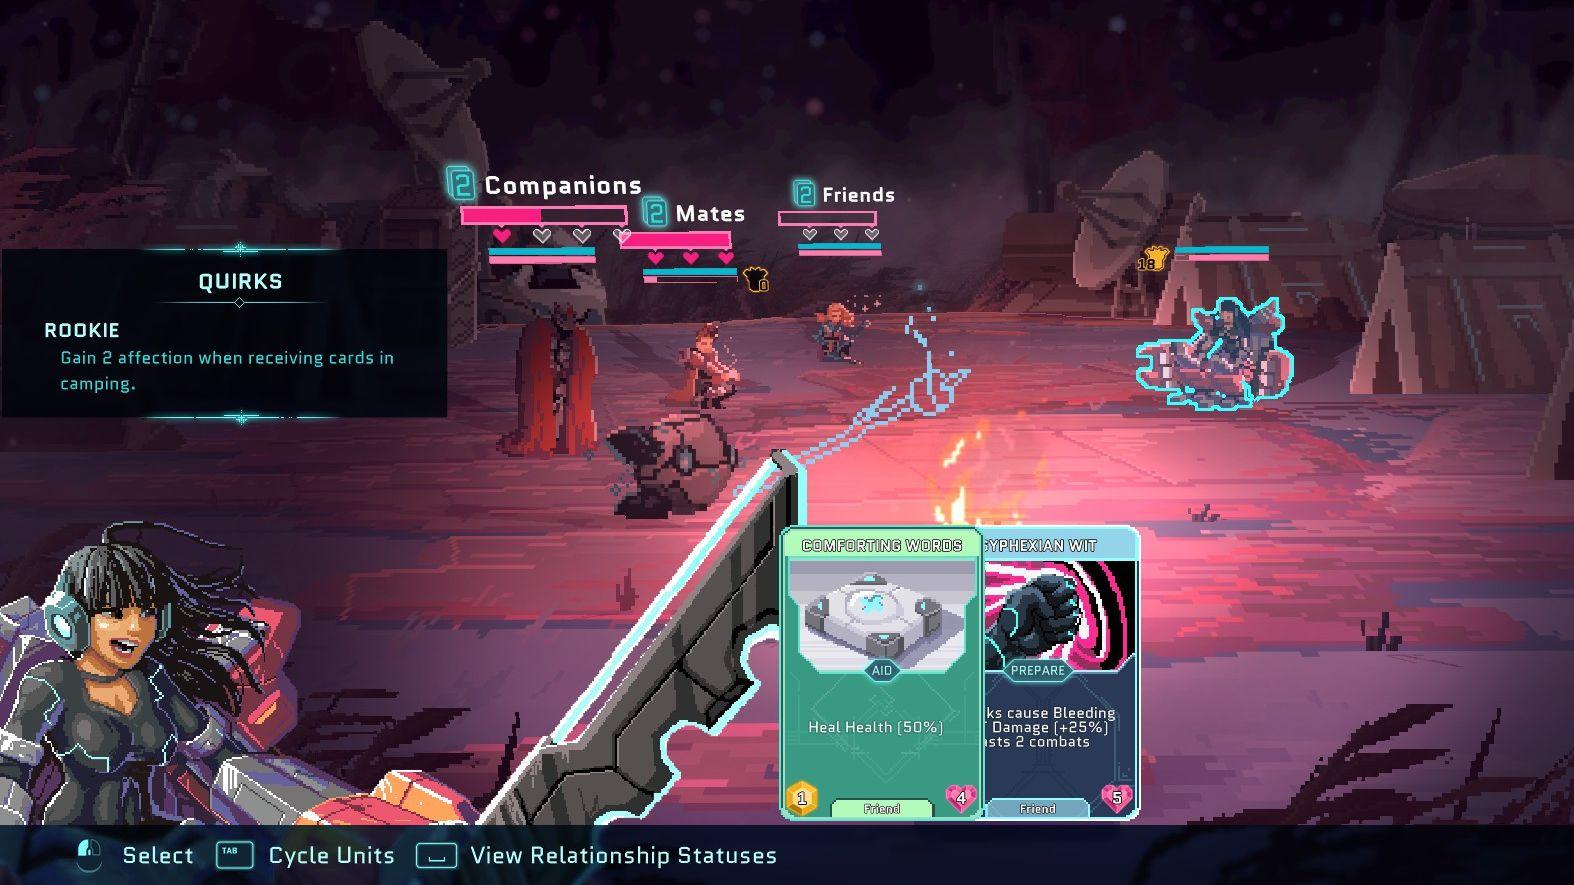 Una captura de pantalla de la fogata en Star Renegades, que muestra el estado de la relación entre los personajes.